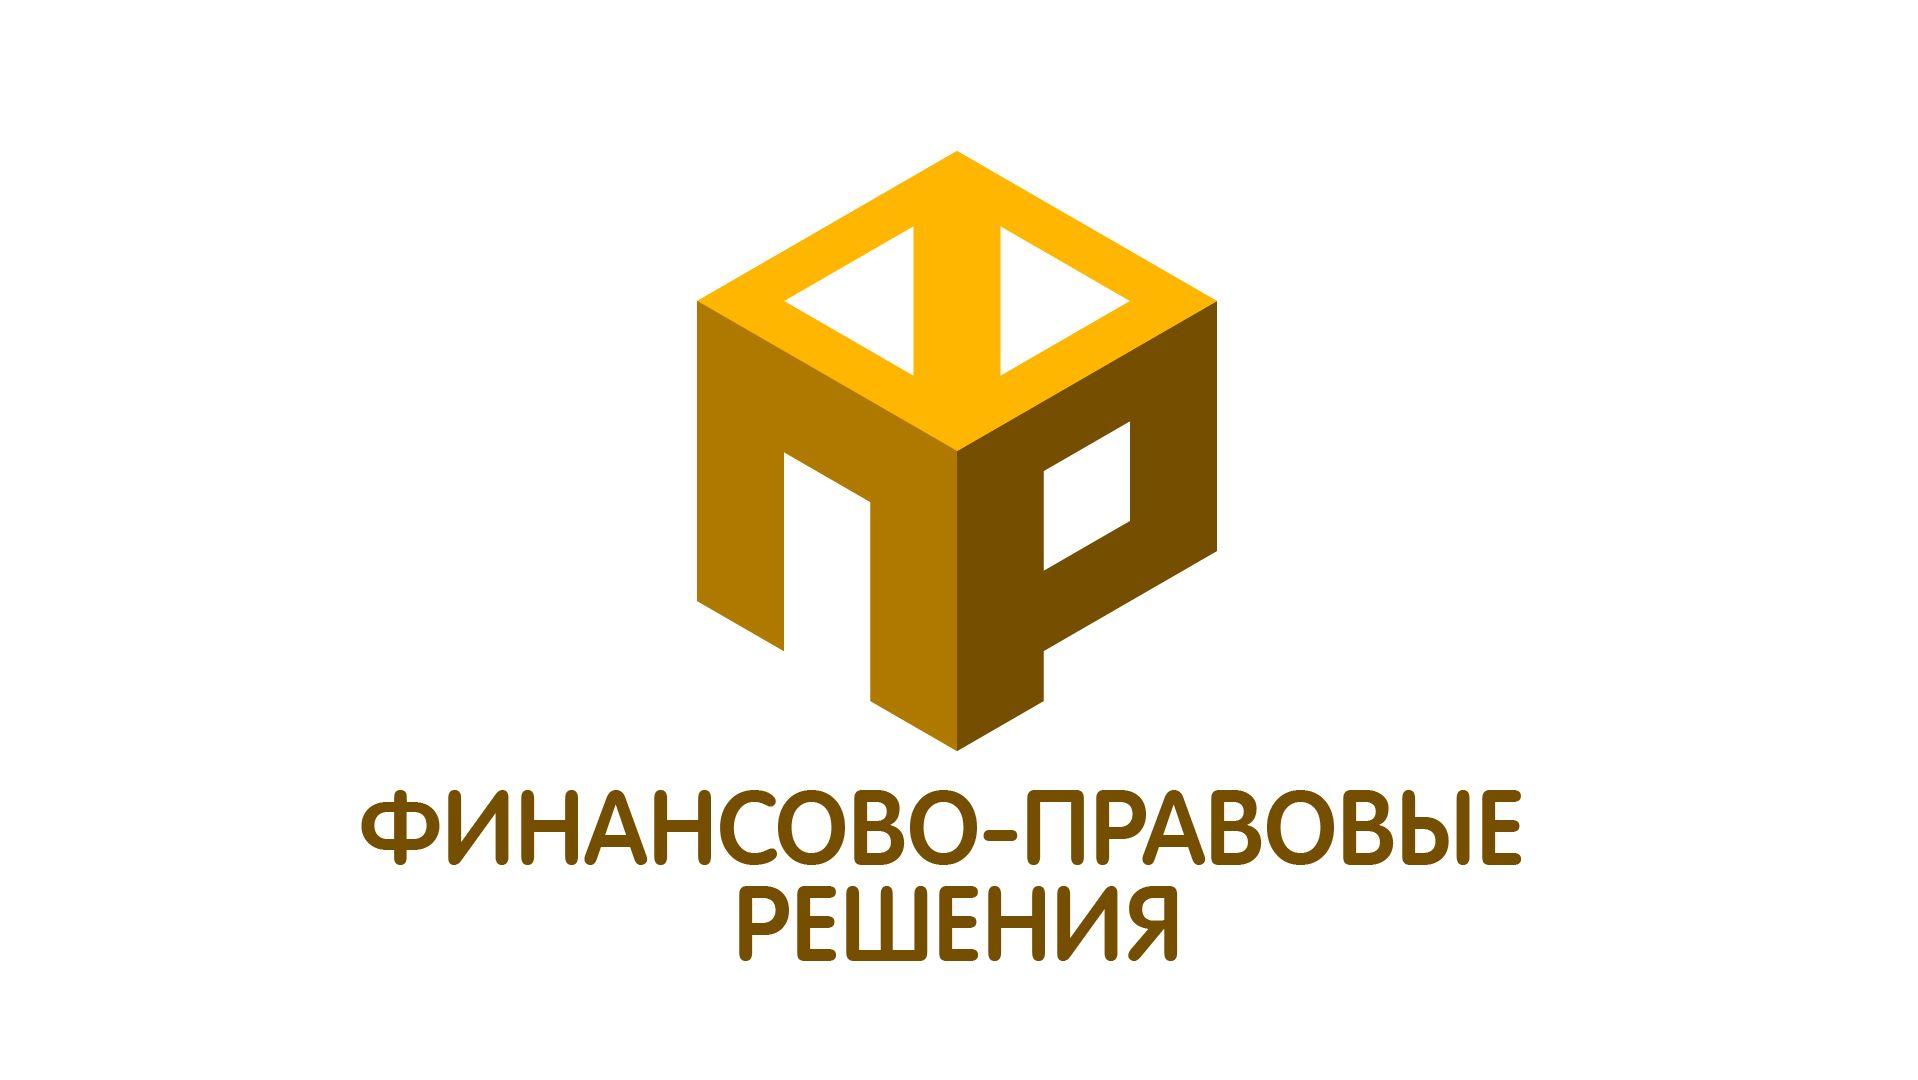 Лого и фирменный стиль для ФИНАНСОВО-ПРАВОВЫЕ РЕШЕНИЯ (сокращенно - ФПР) - дизайнер ideymnogo